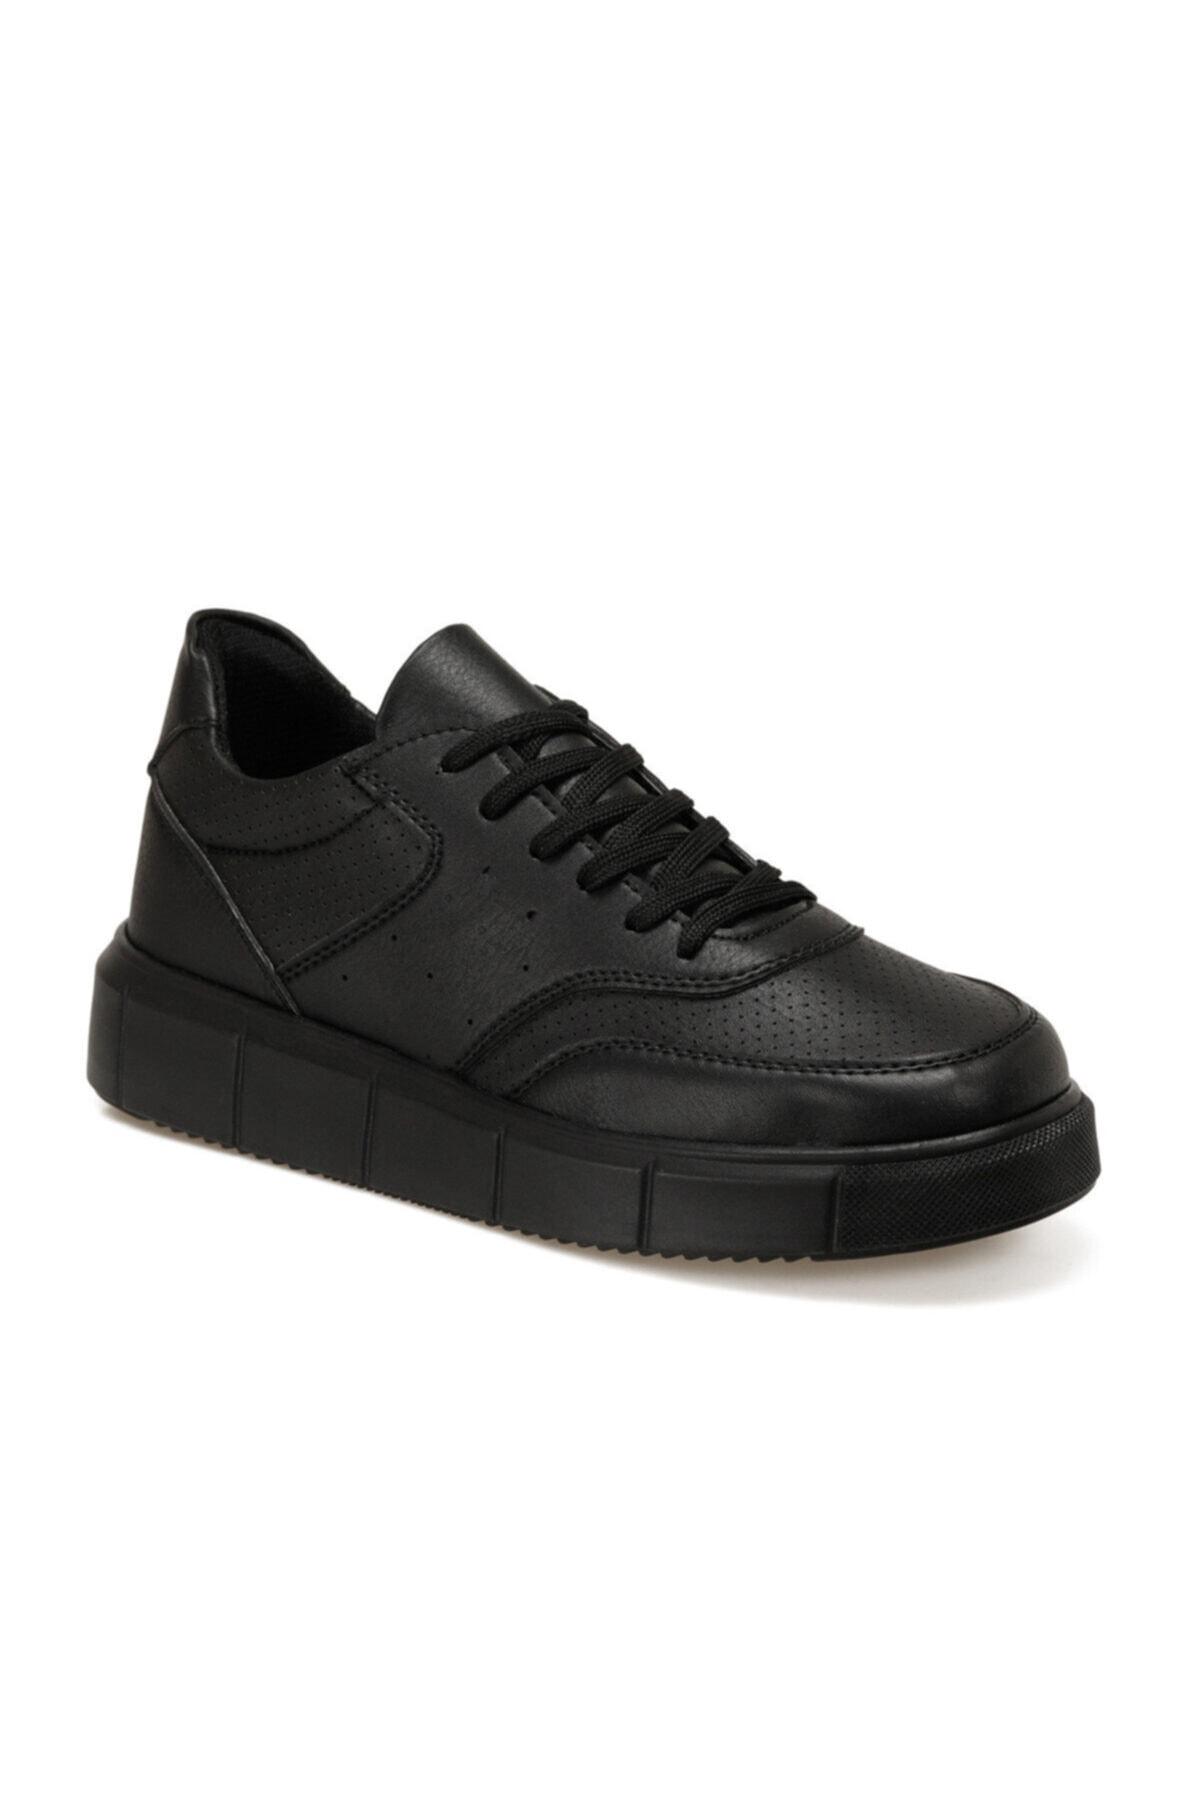 FORESTER EC-2008 Siyah Erkek Kalın Tabanlı Sneaker 101015660 1